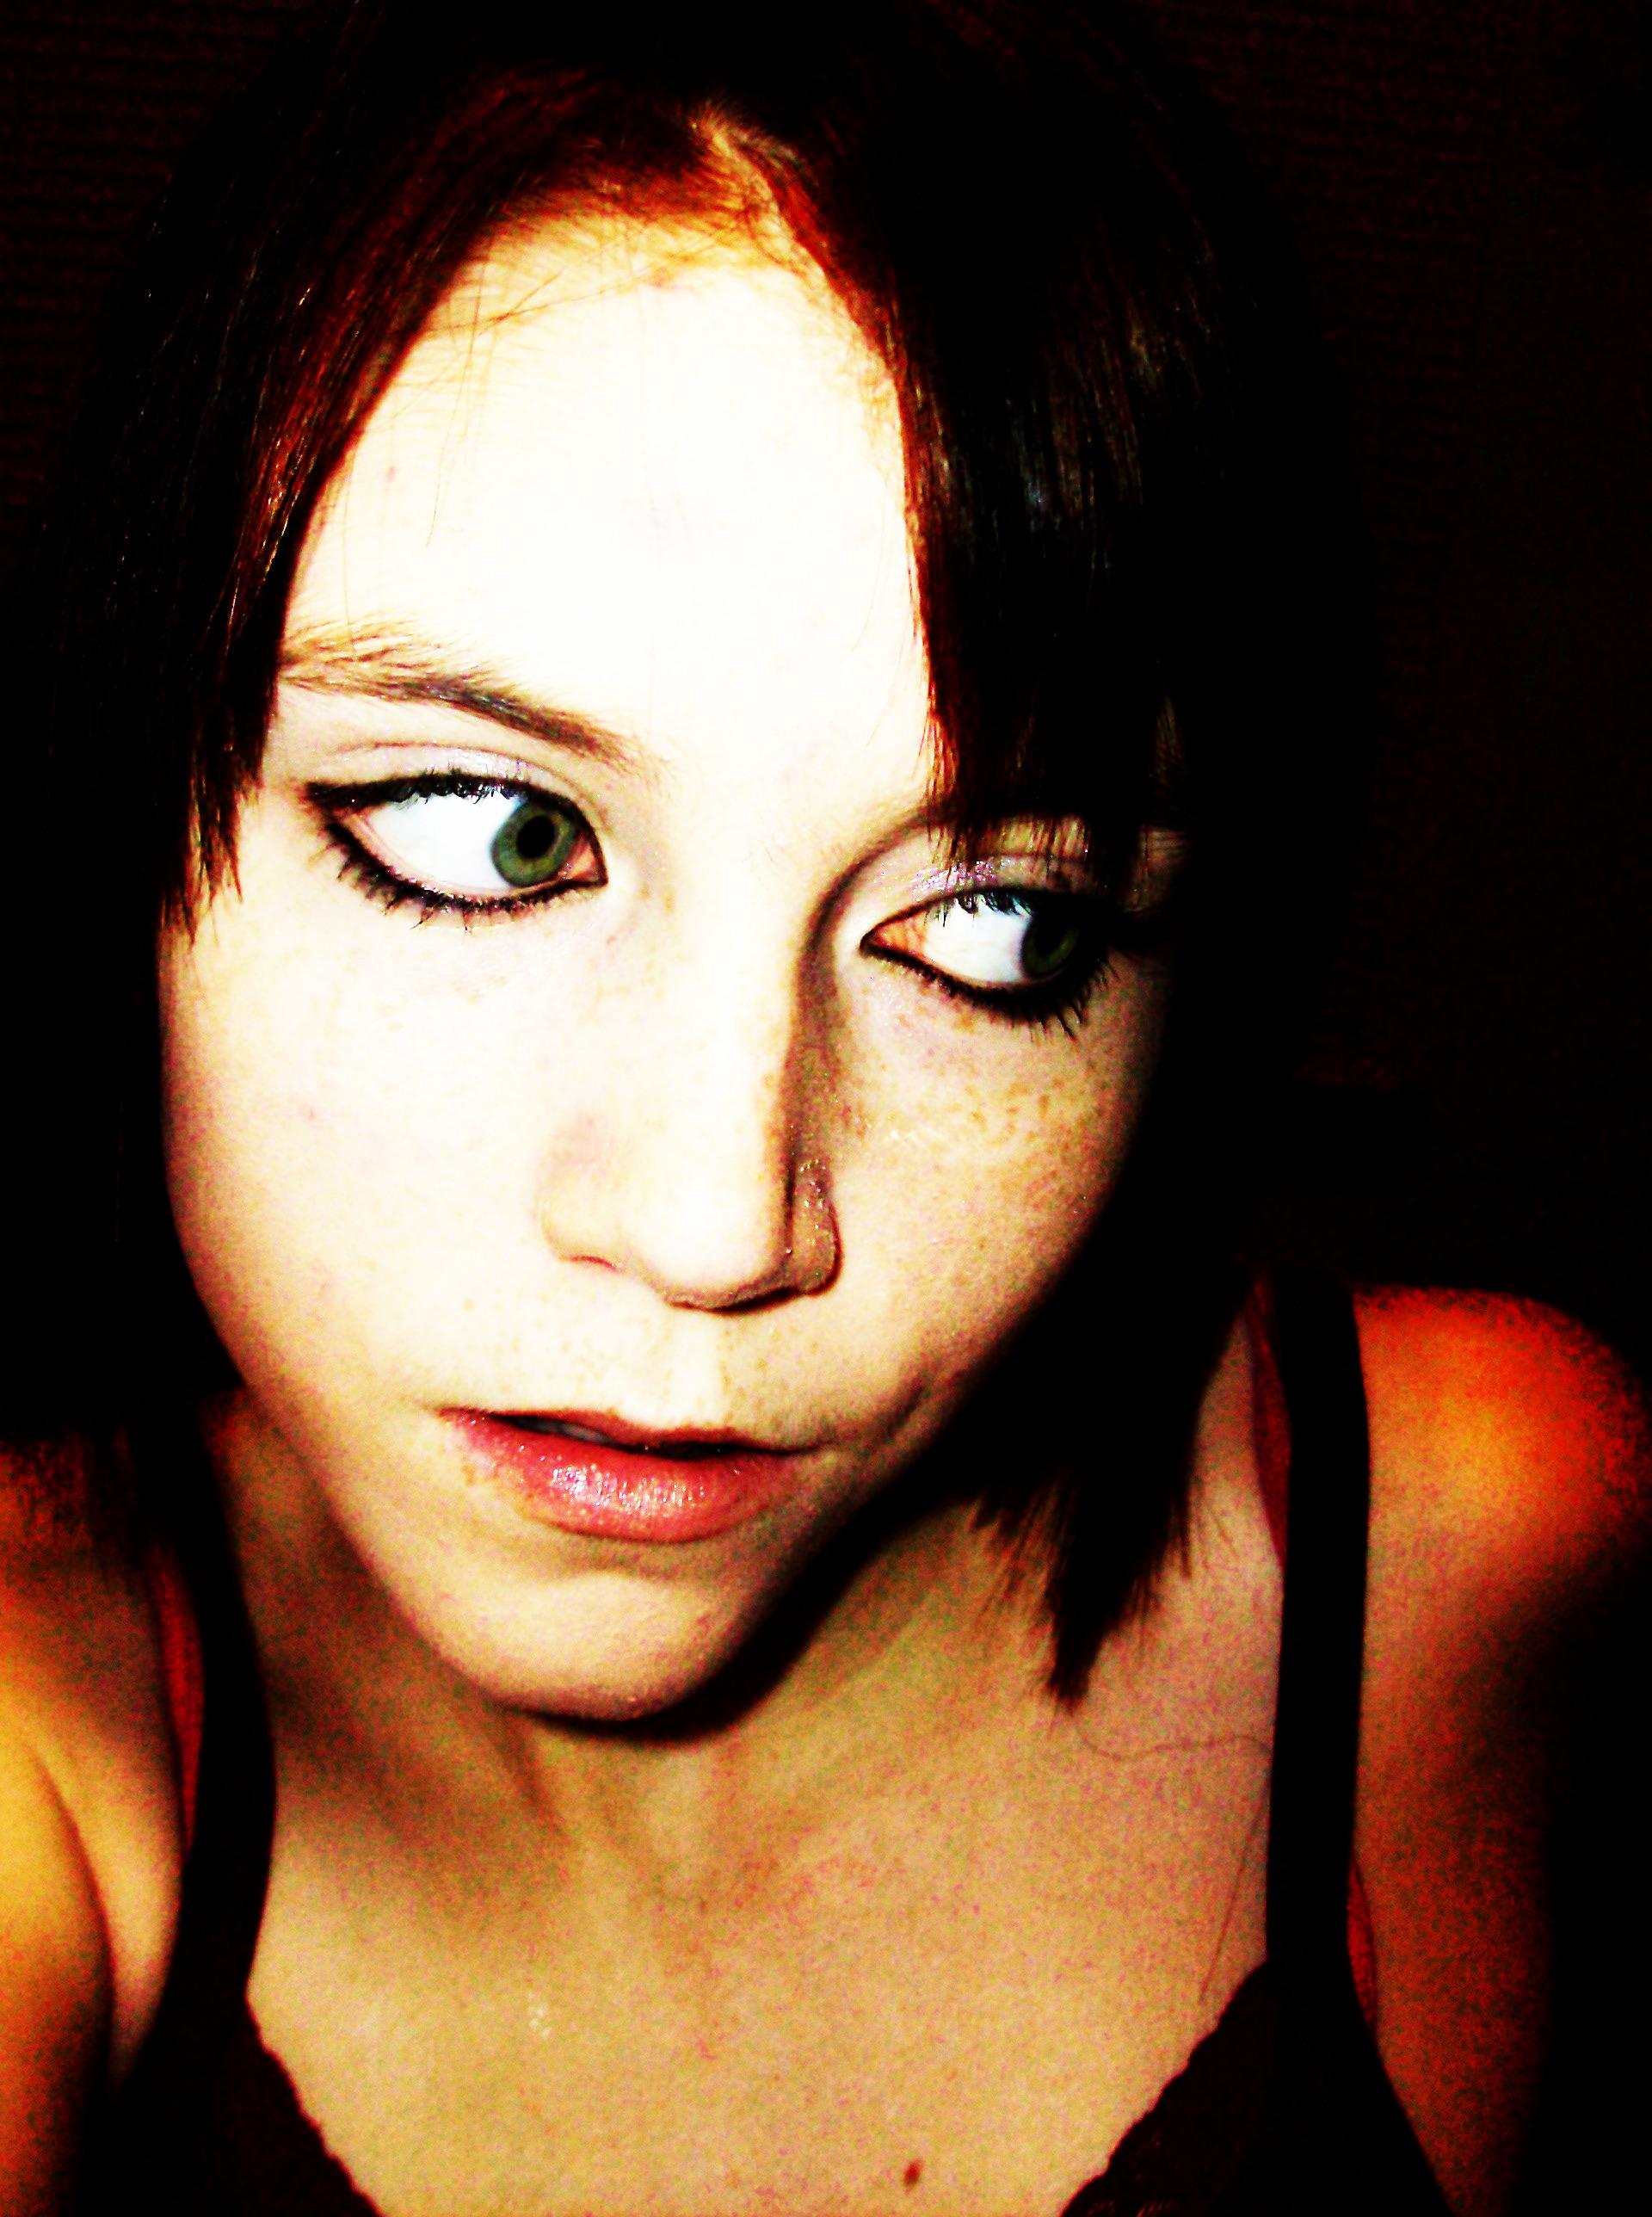 laiinna2008